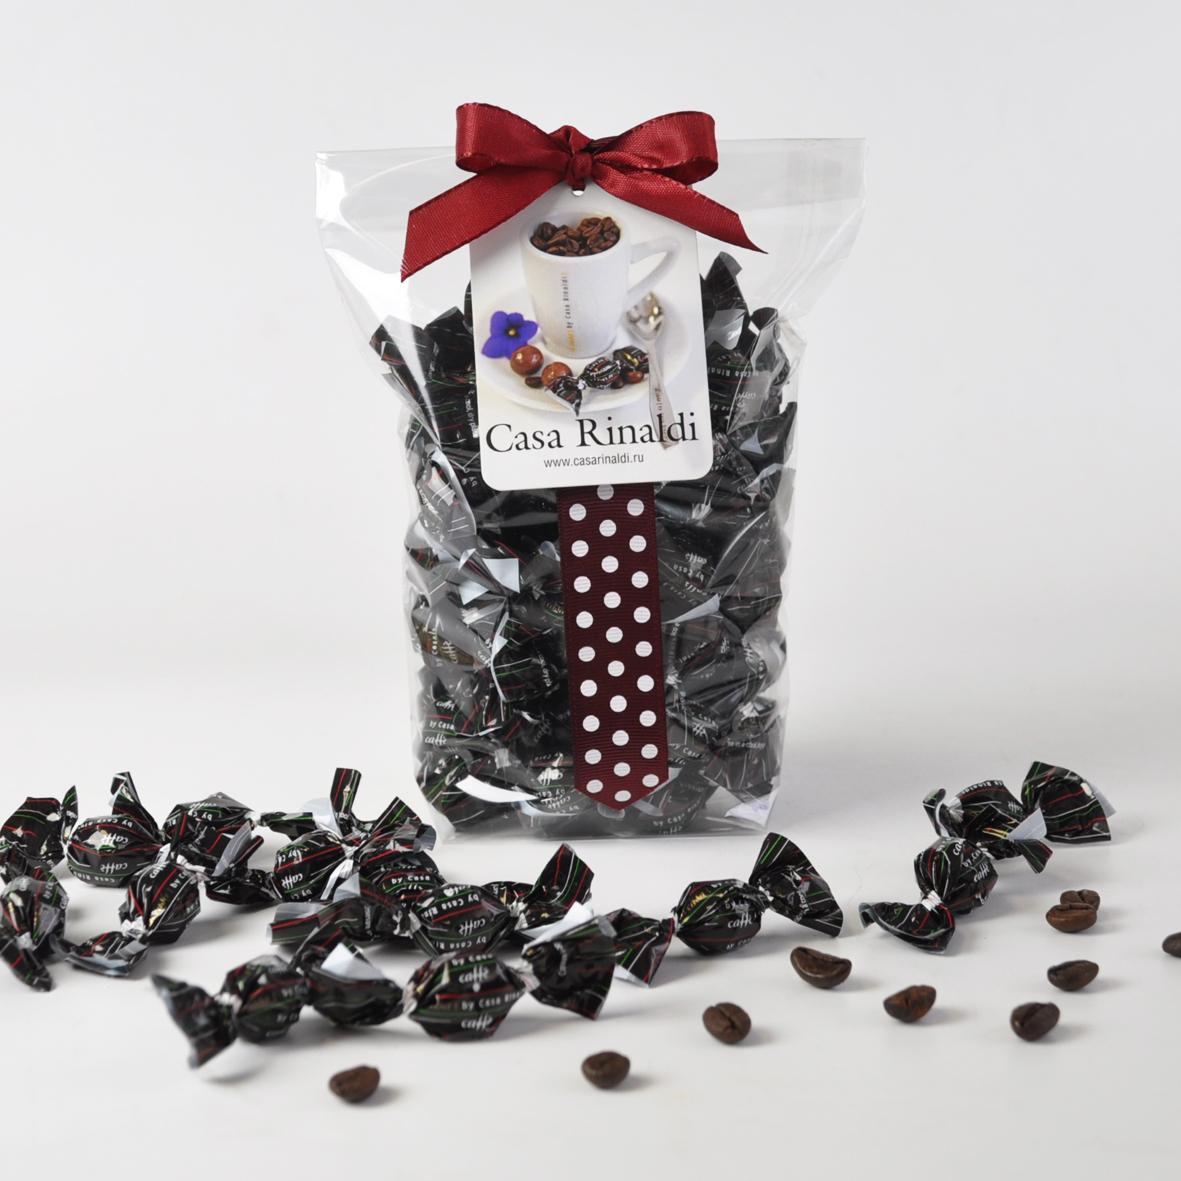 Конфеты драже Casa Rinaldi Кофе в тёмном шоколаде 100 гр